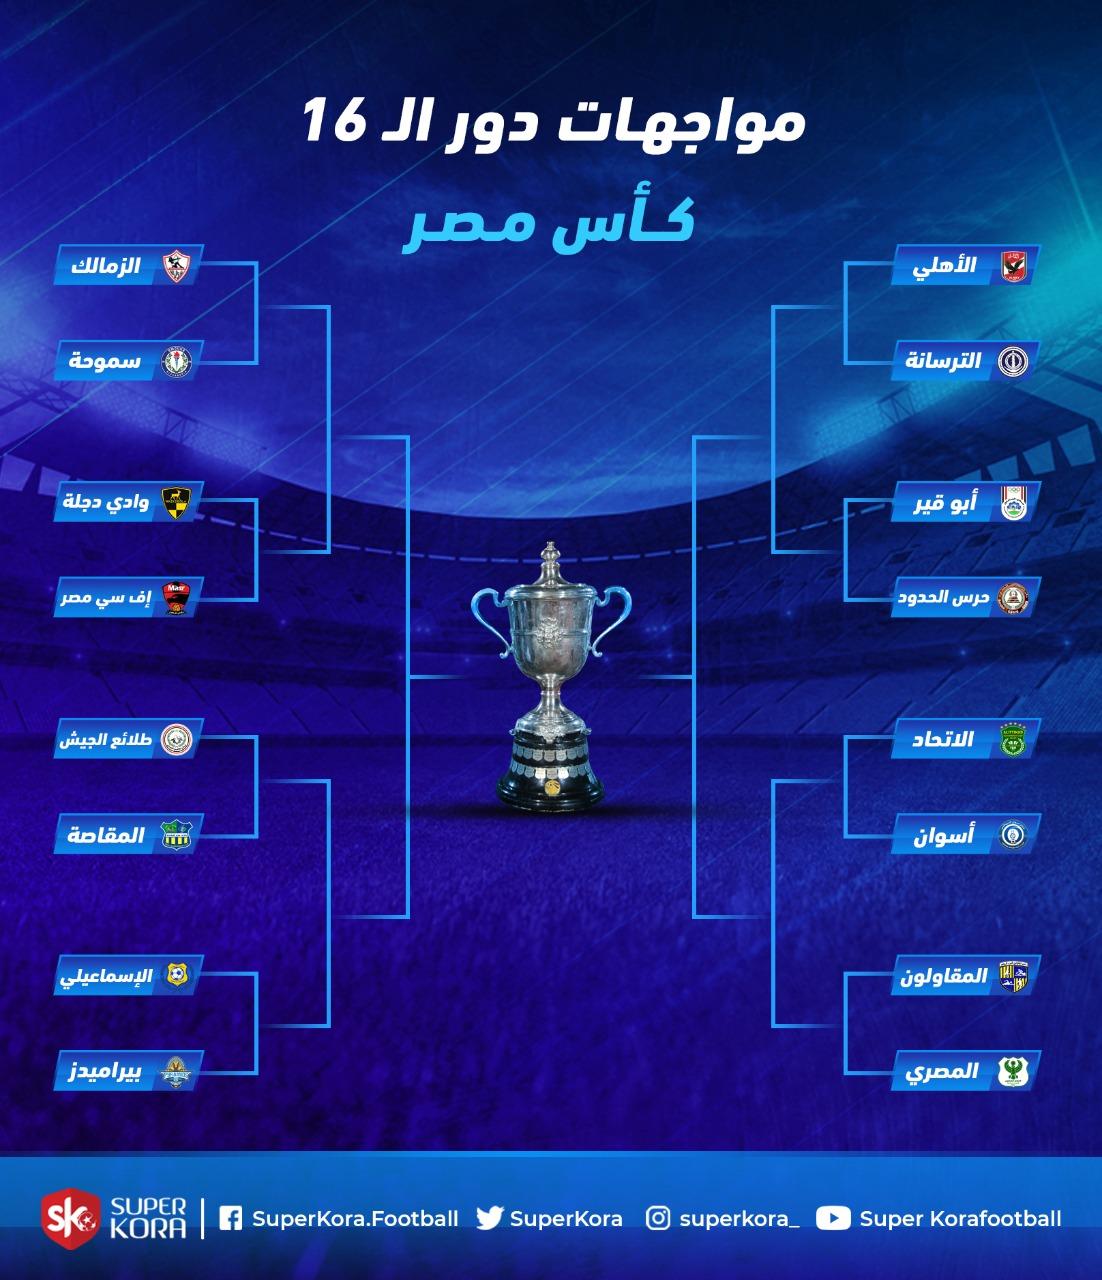 إنفو جراف تعرف على مواجهات دور الـ16 لكأس مصر اليوم السابع